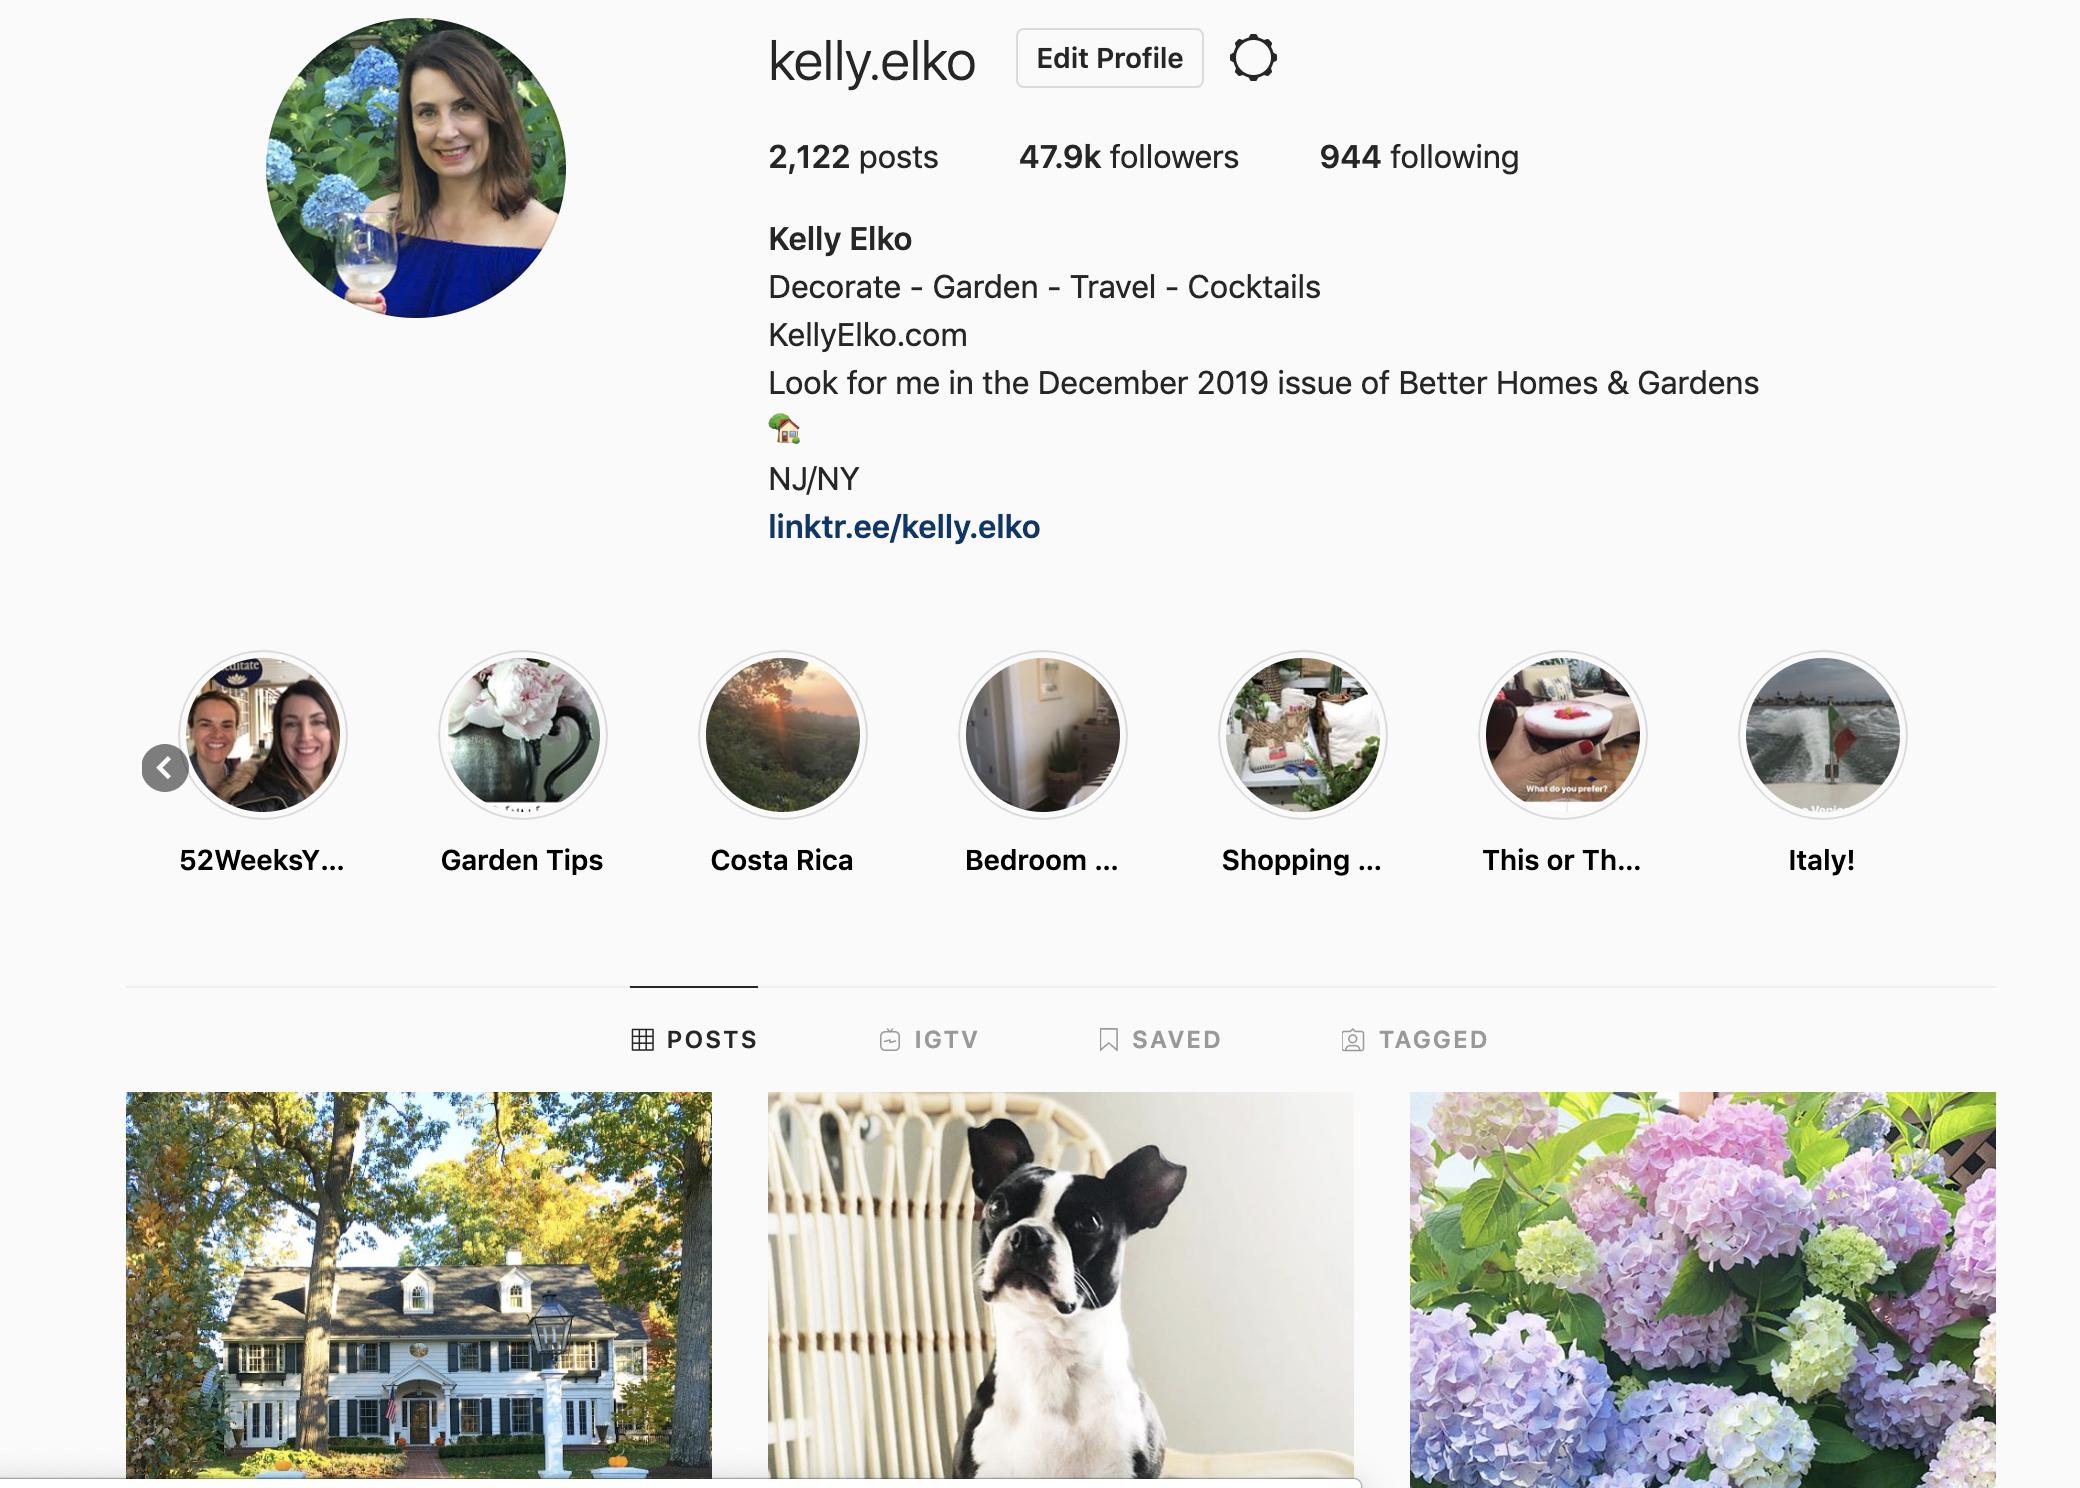 @Kelly.Elko on Instagram